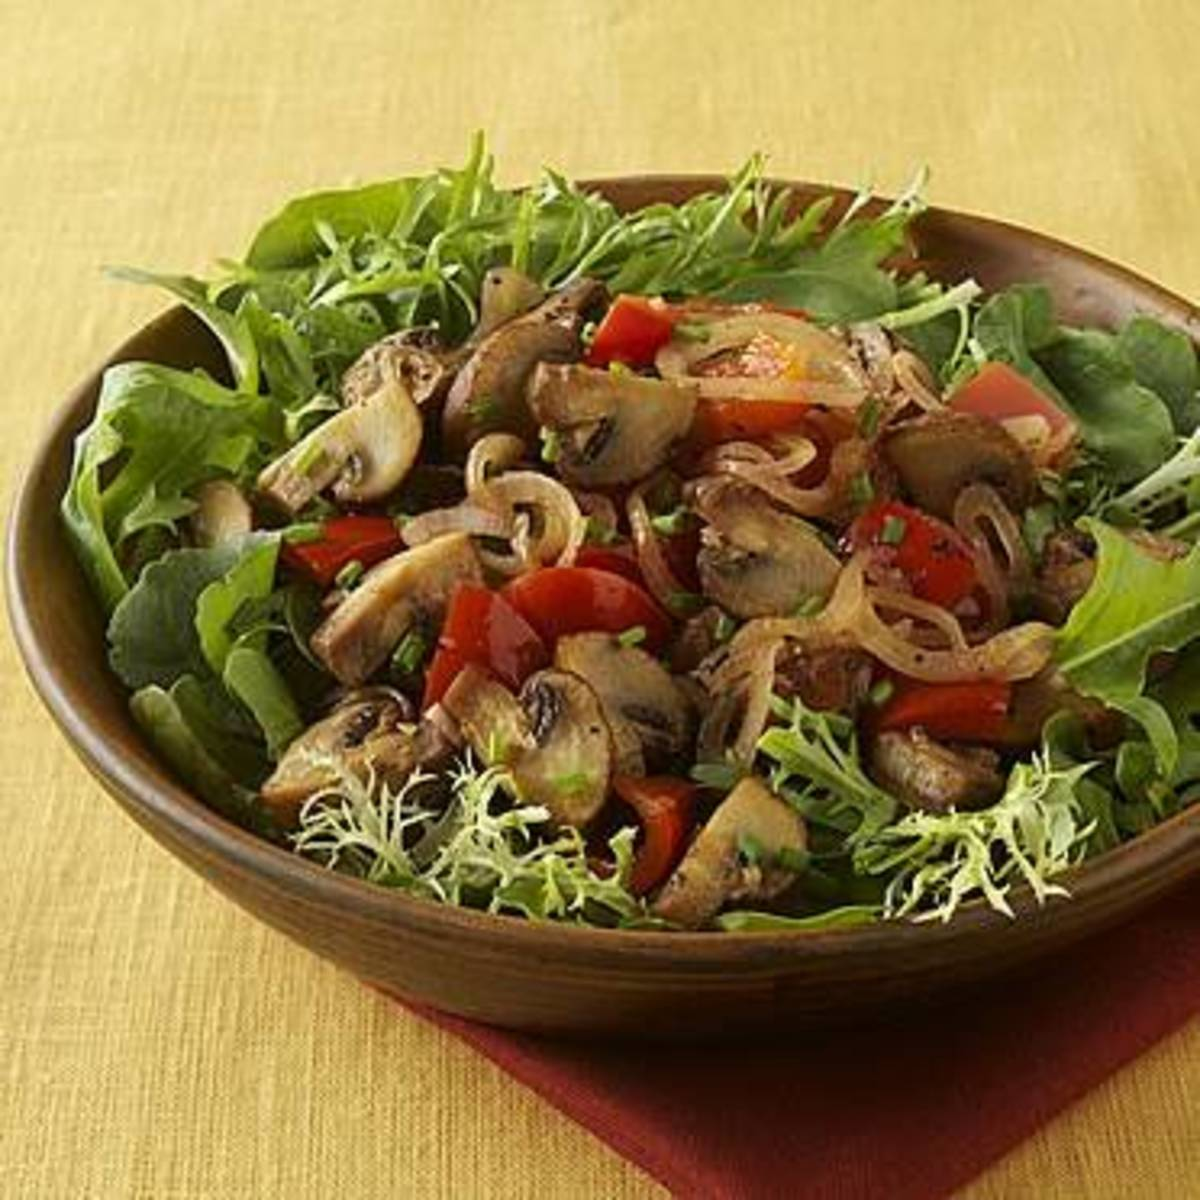 Sautéed Mushroom Salad